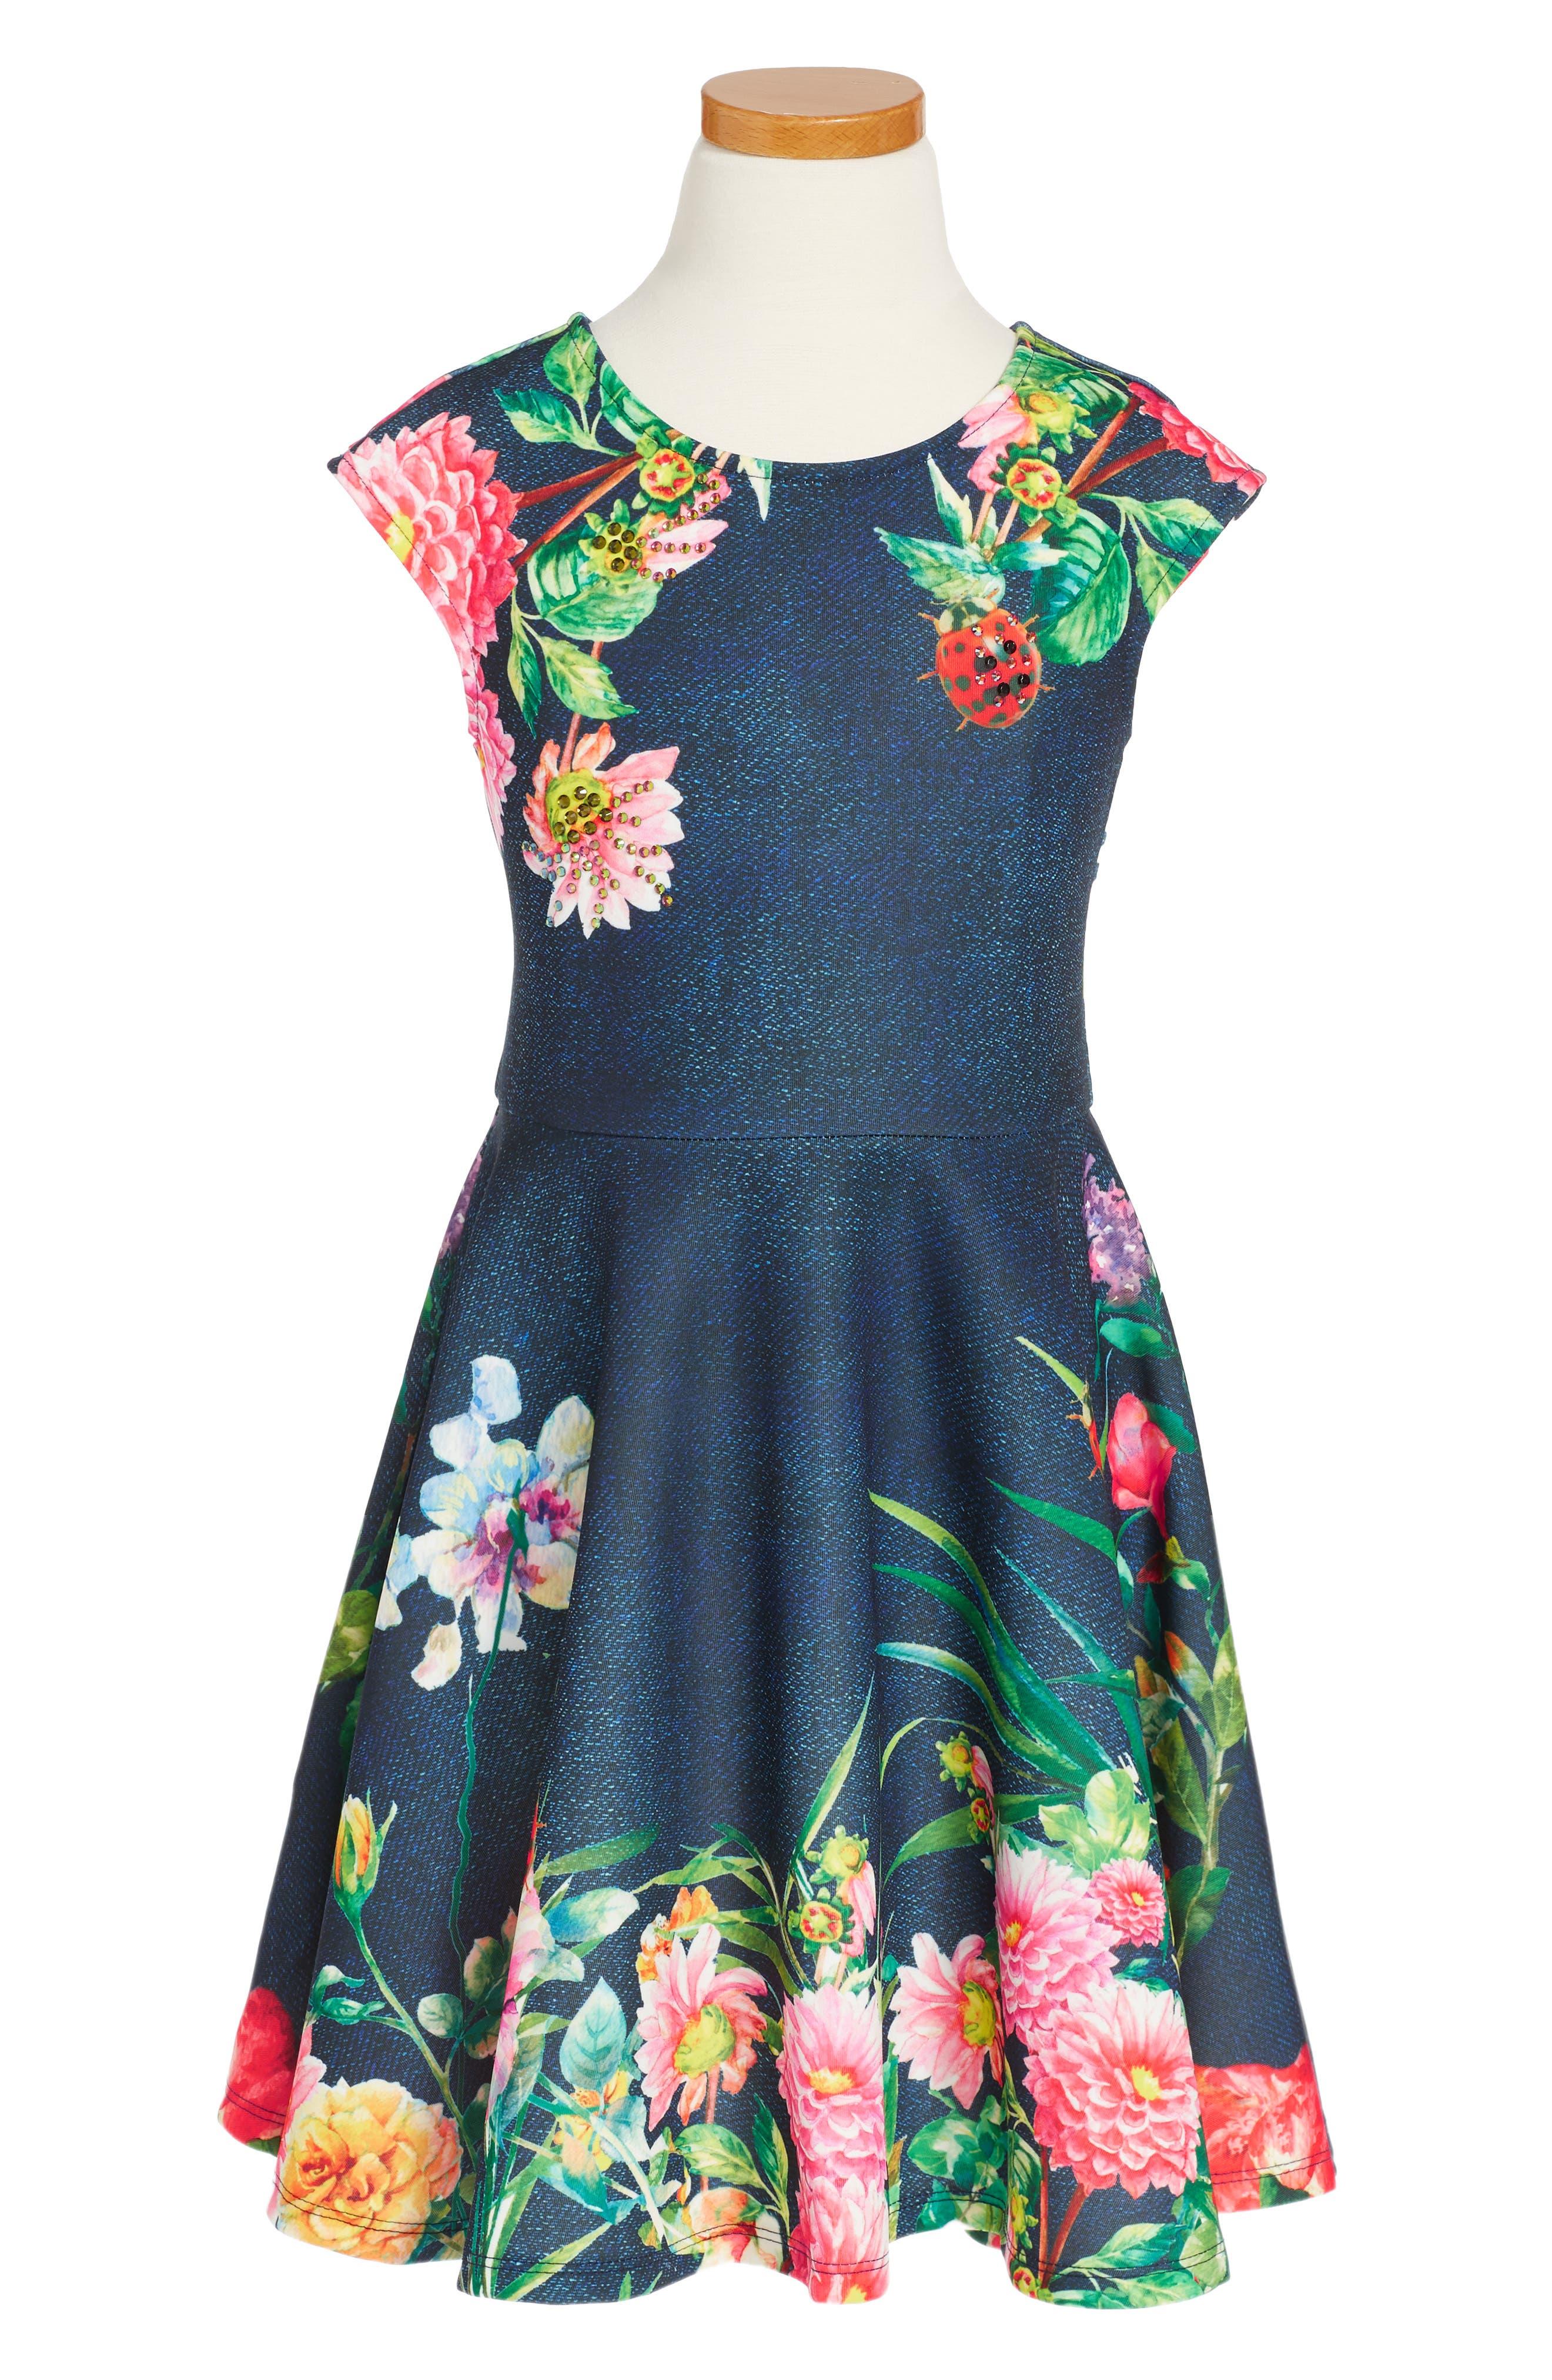 HANNAH BANANA Lady Bug Skater Dress